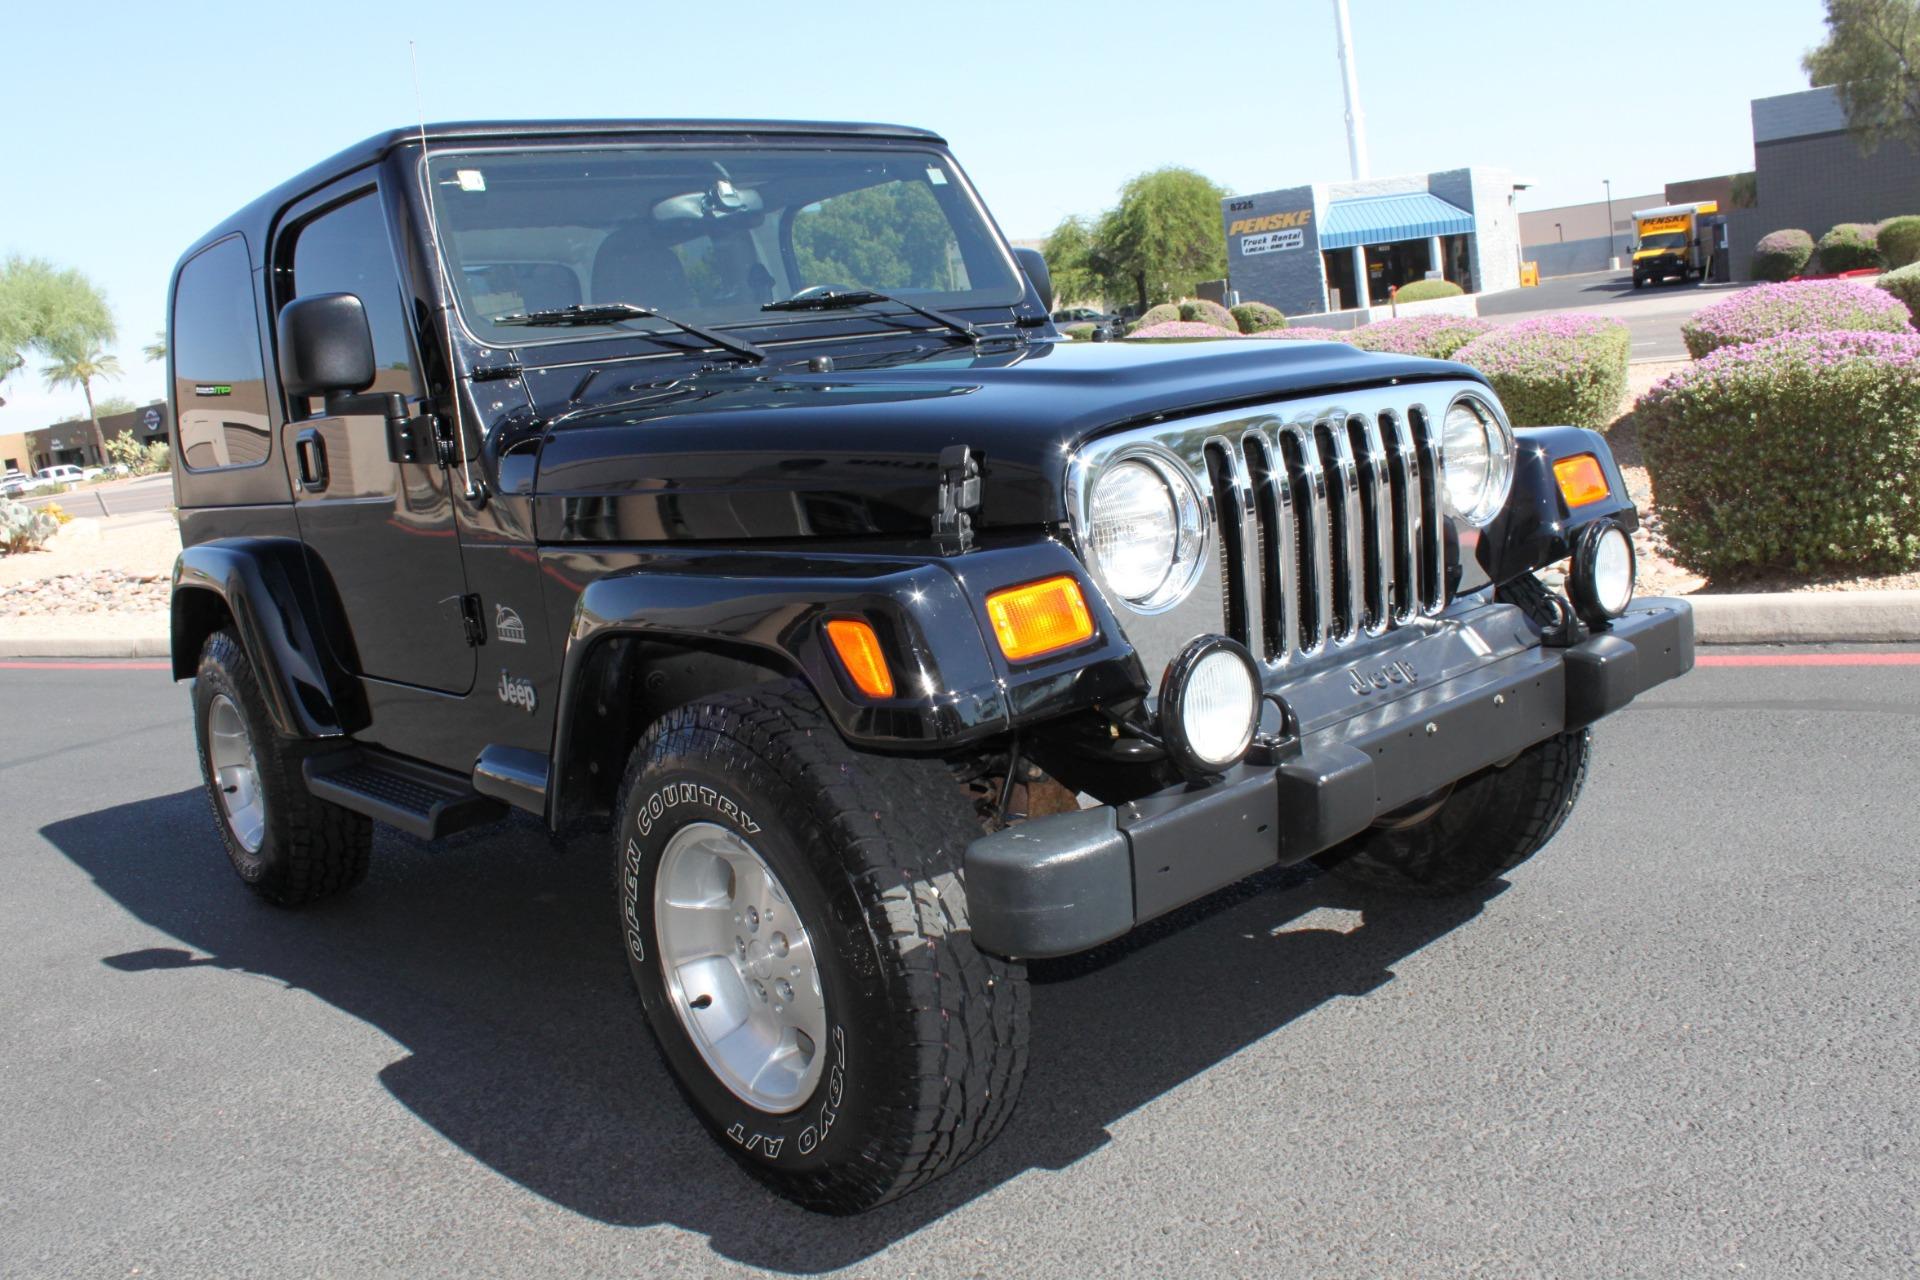 Used-2003-Jeep-Wrangler-Sahara-vintage